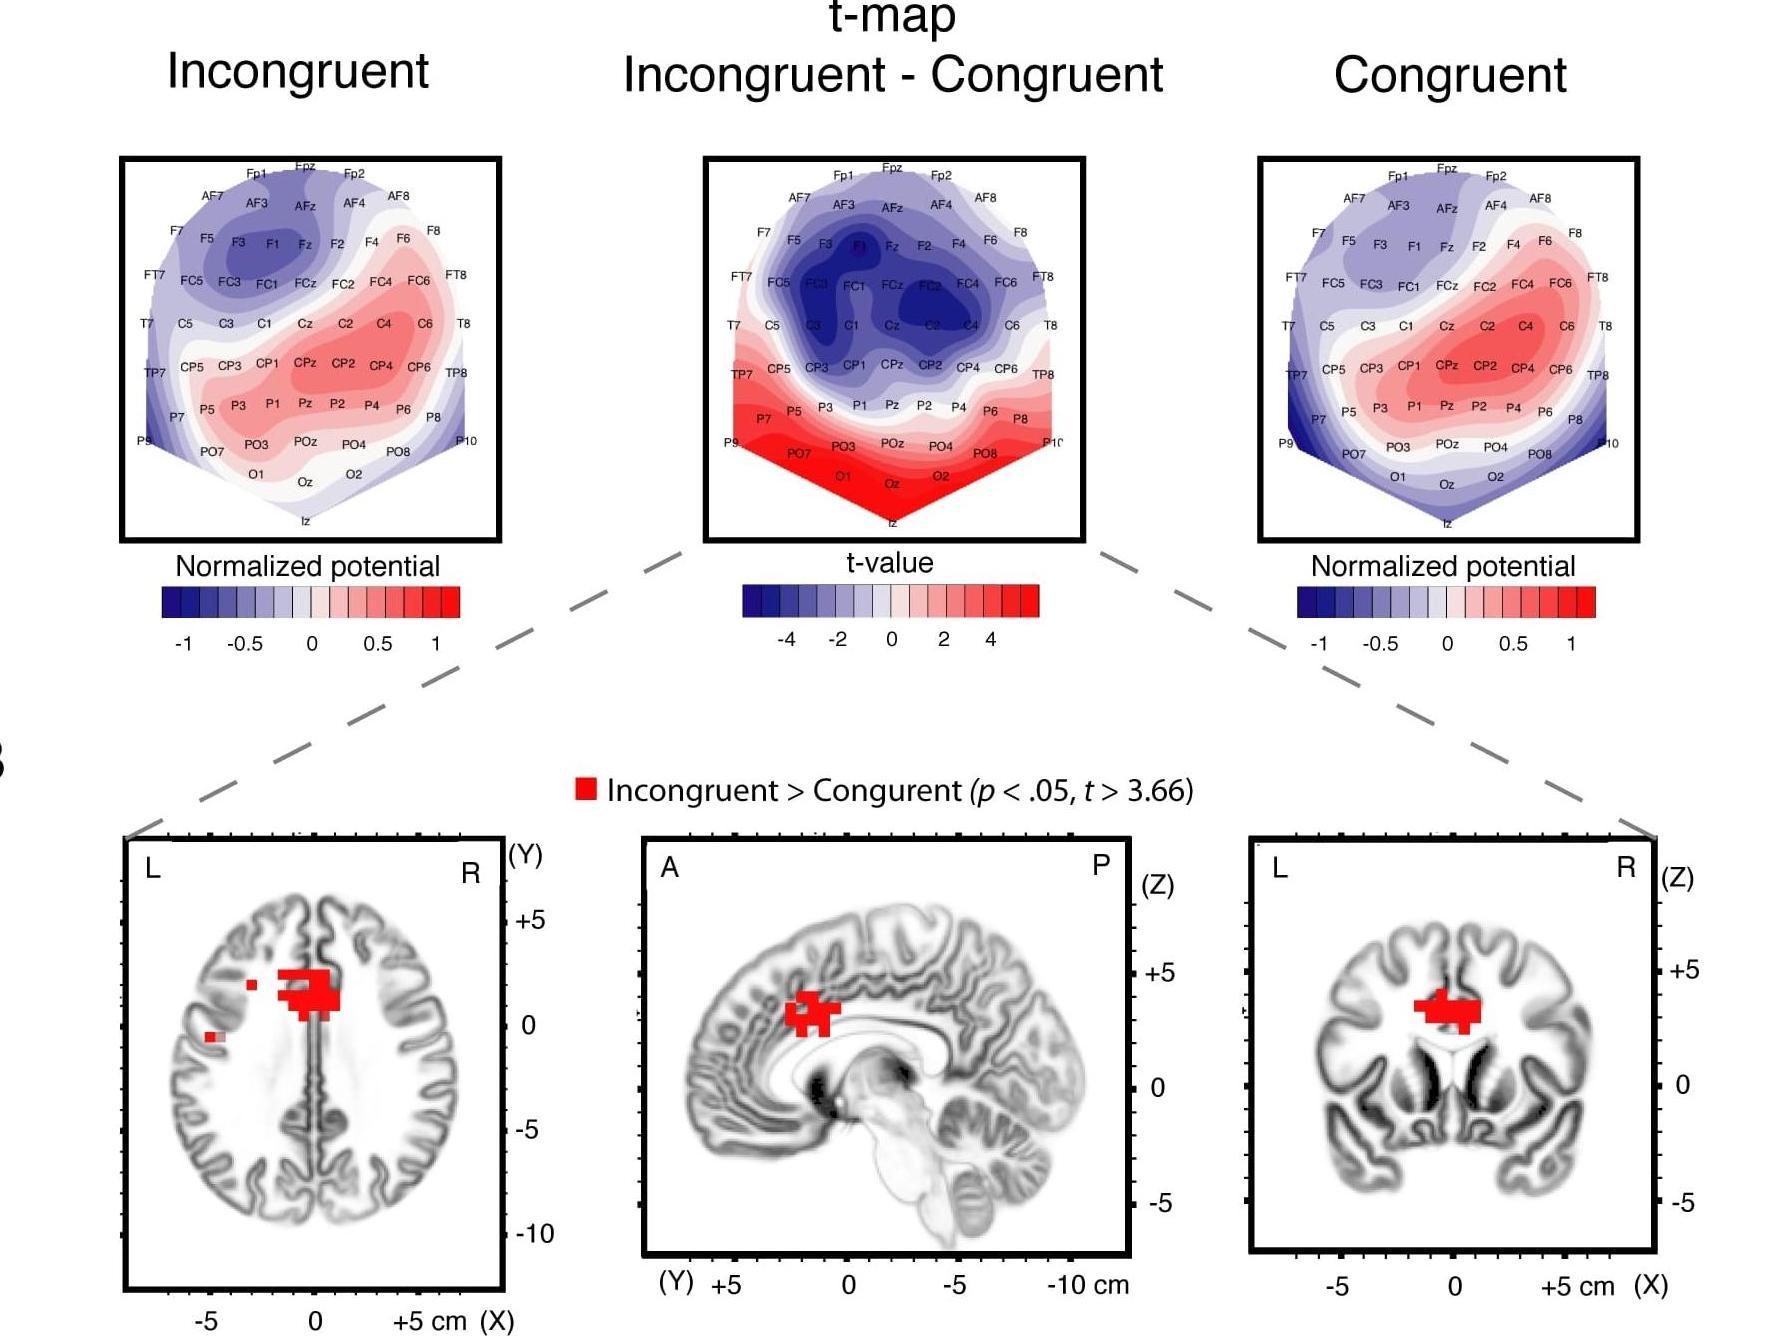 Choisir en situation de conflit: ce que nous révèle l'analyse de la dynamique cérébrale